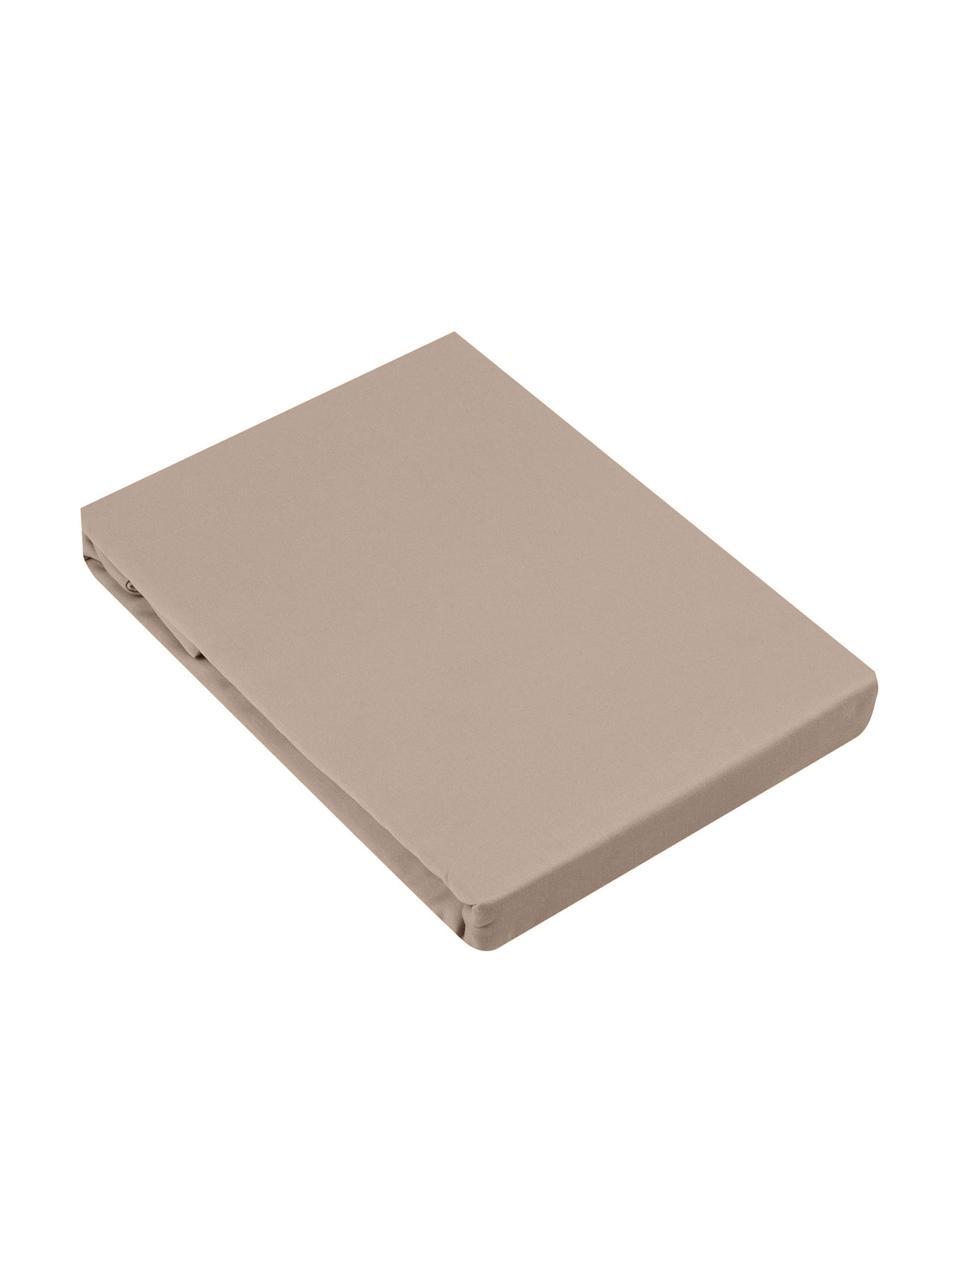 Spannbettlaken Comfort in Taupe, Baumwollsatin, Webart: Satin, leicht glänzend, Taupe, 180 x 200 cm